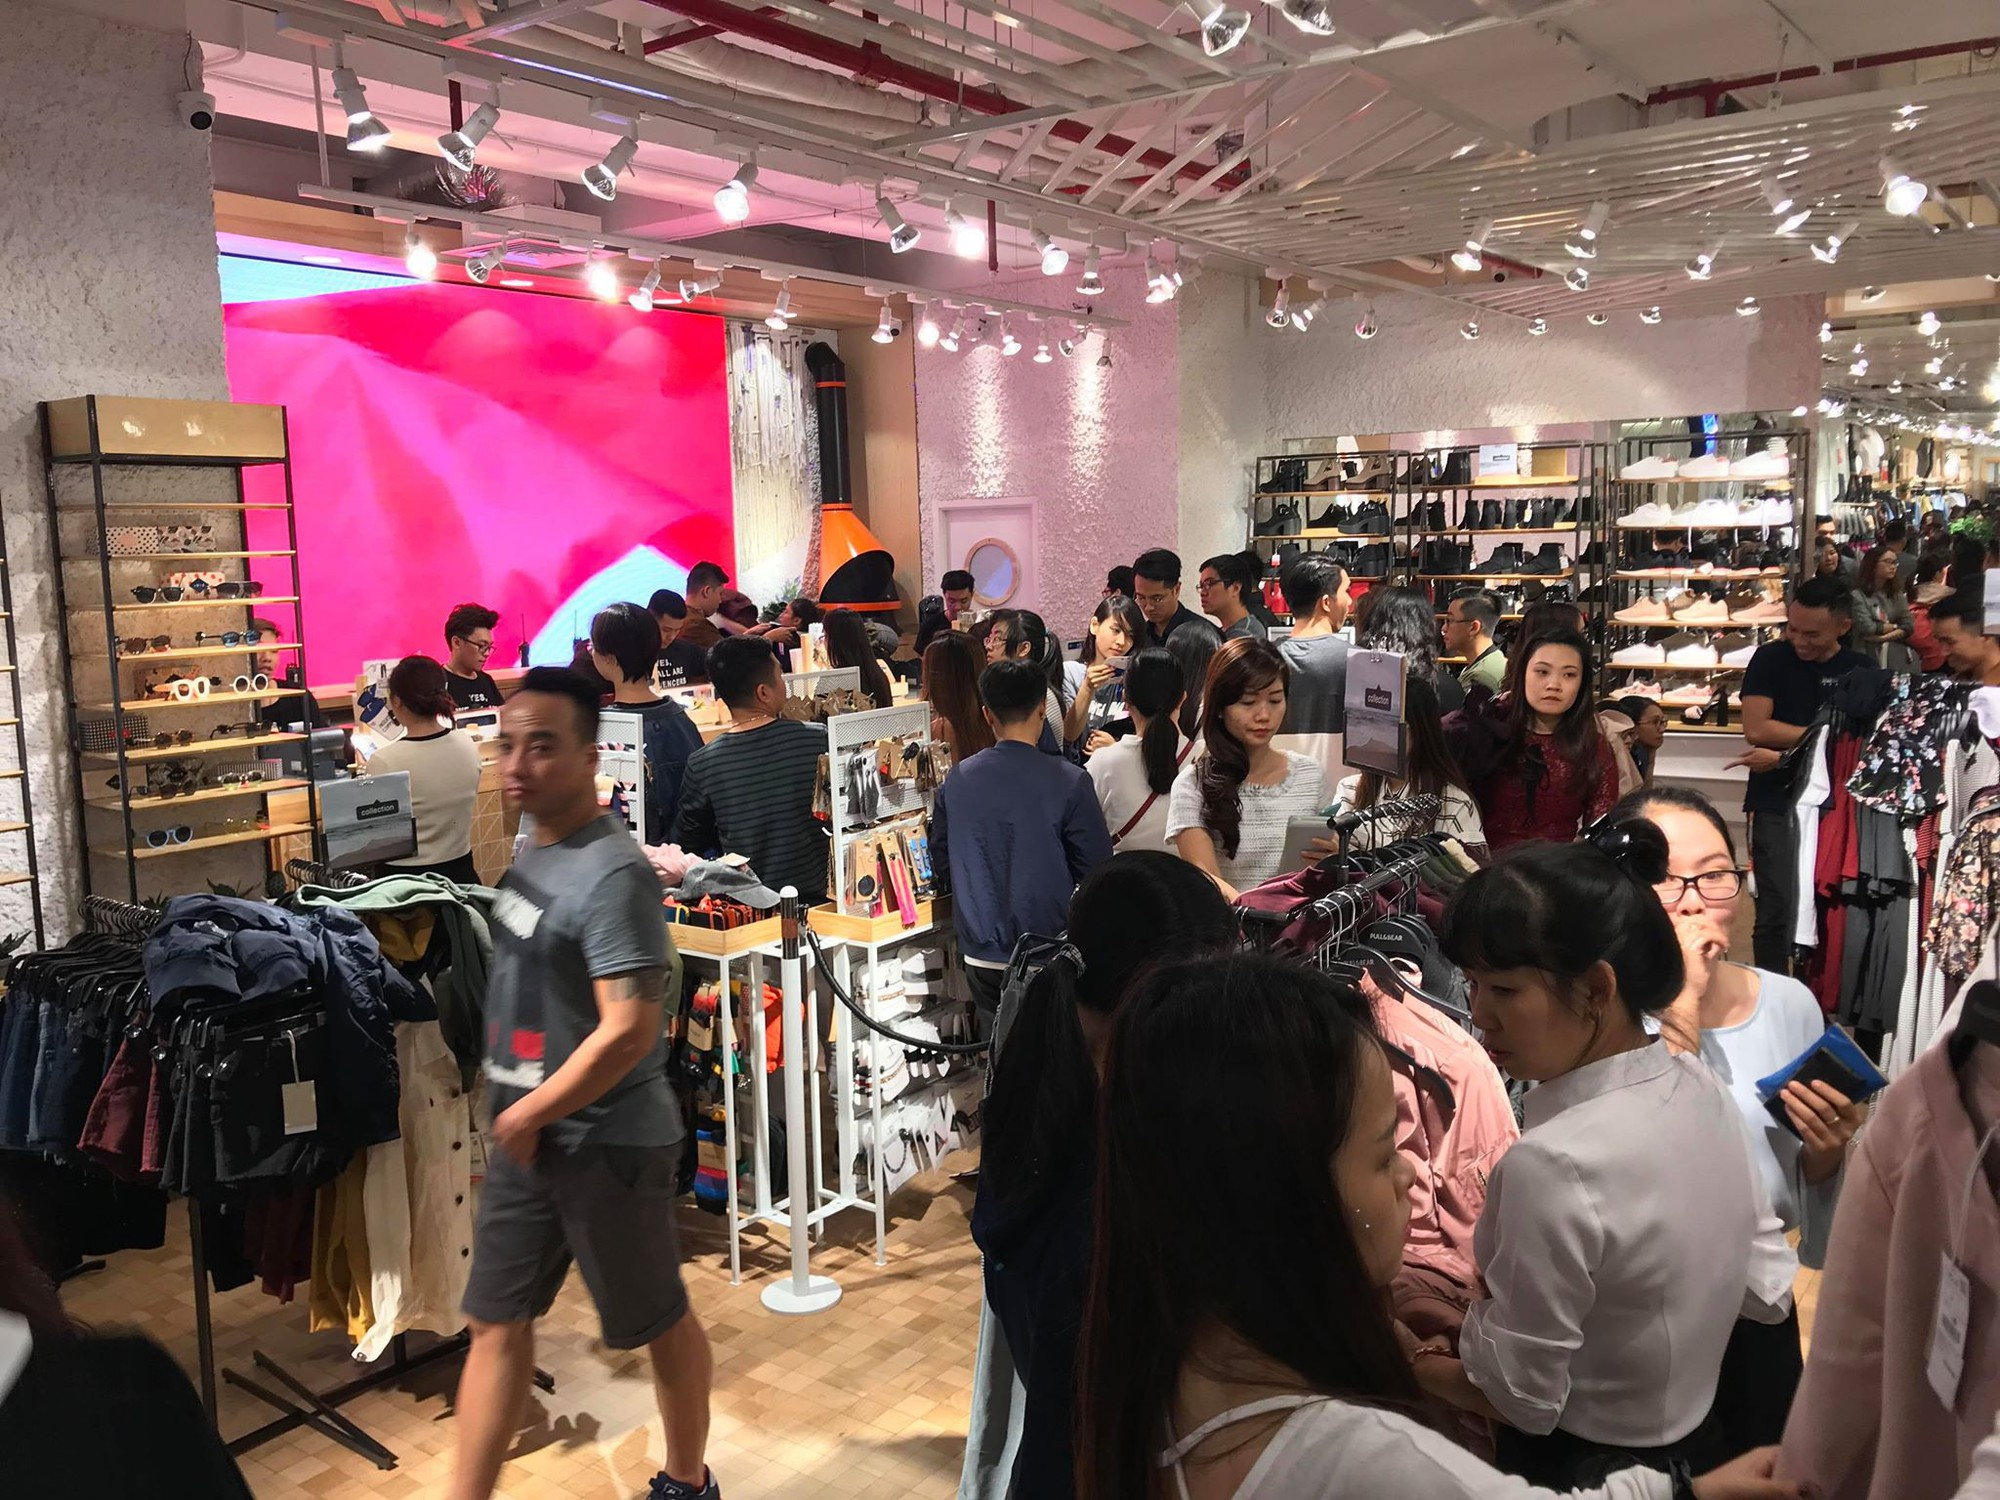 Zara Sài Gòn và Hà Nội đông nghịt, dân tình xếp hàng dài ngay ngày đầu tiên giảm giá - Ảnh 19.